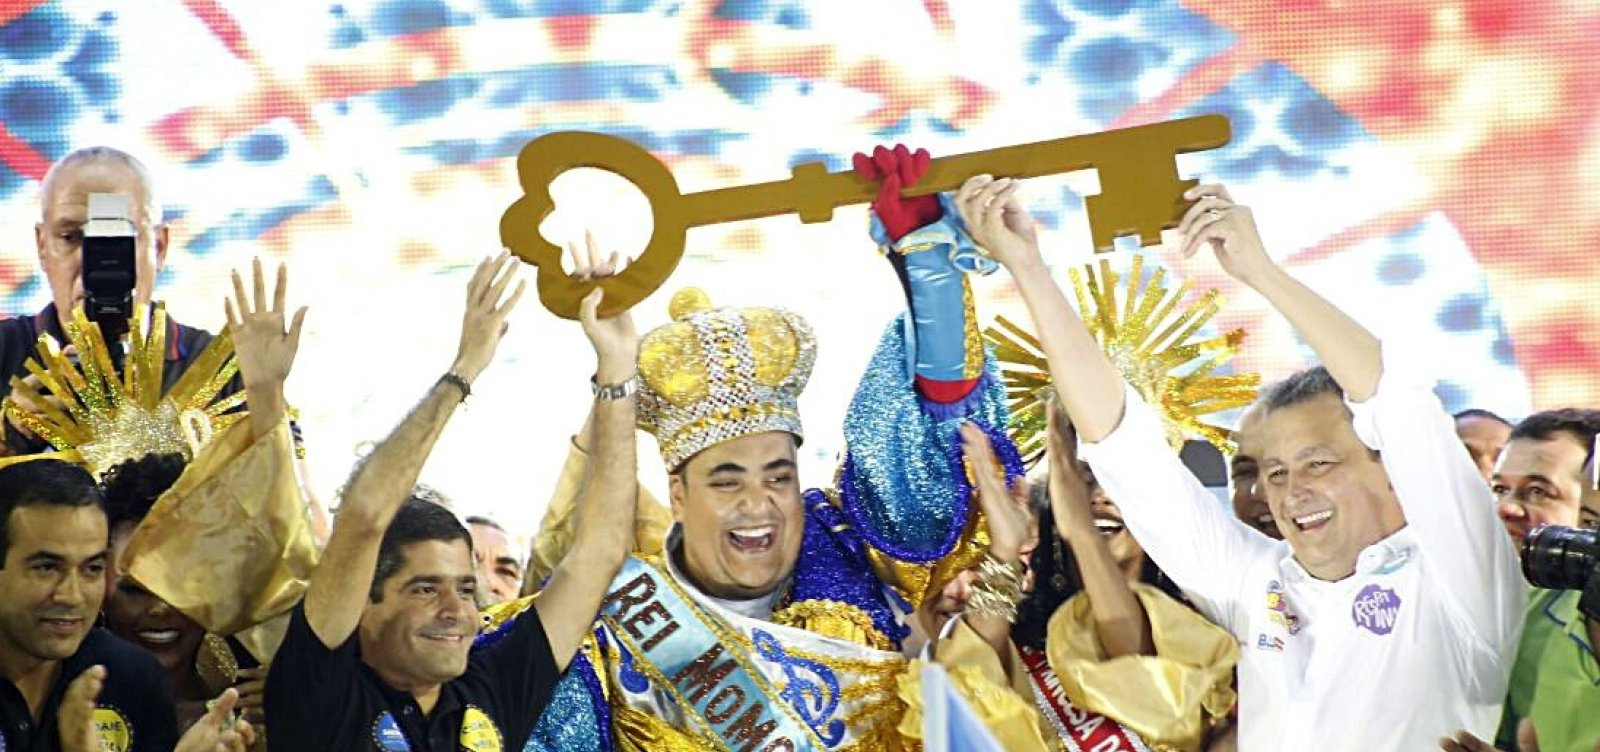 Com atraso, Comcar promete divulgar programação completa do Carnaval nesta sexta